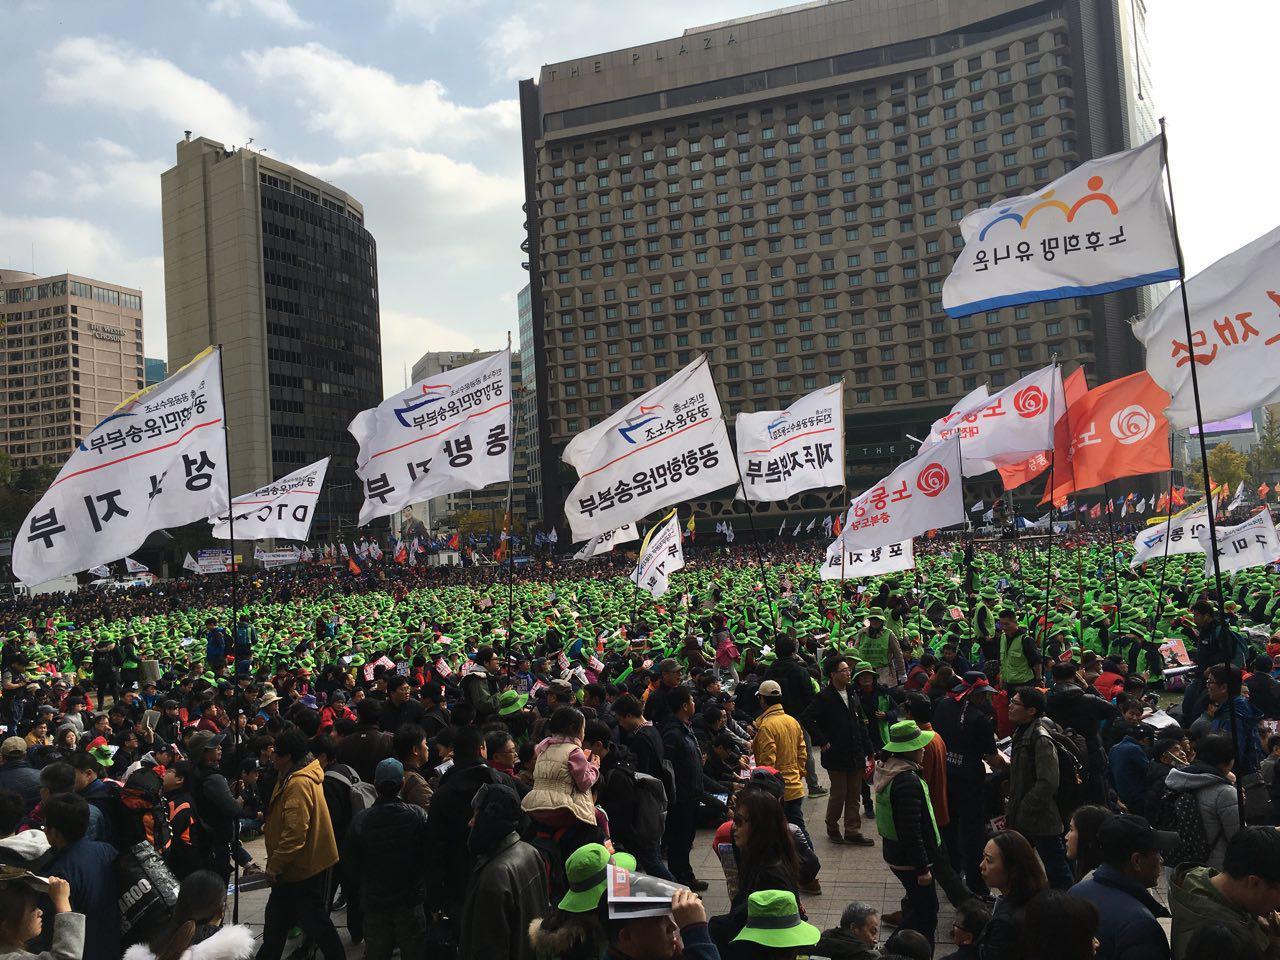 시청광장에서 노동조합이 모여 집회를 하는 모습